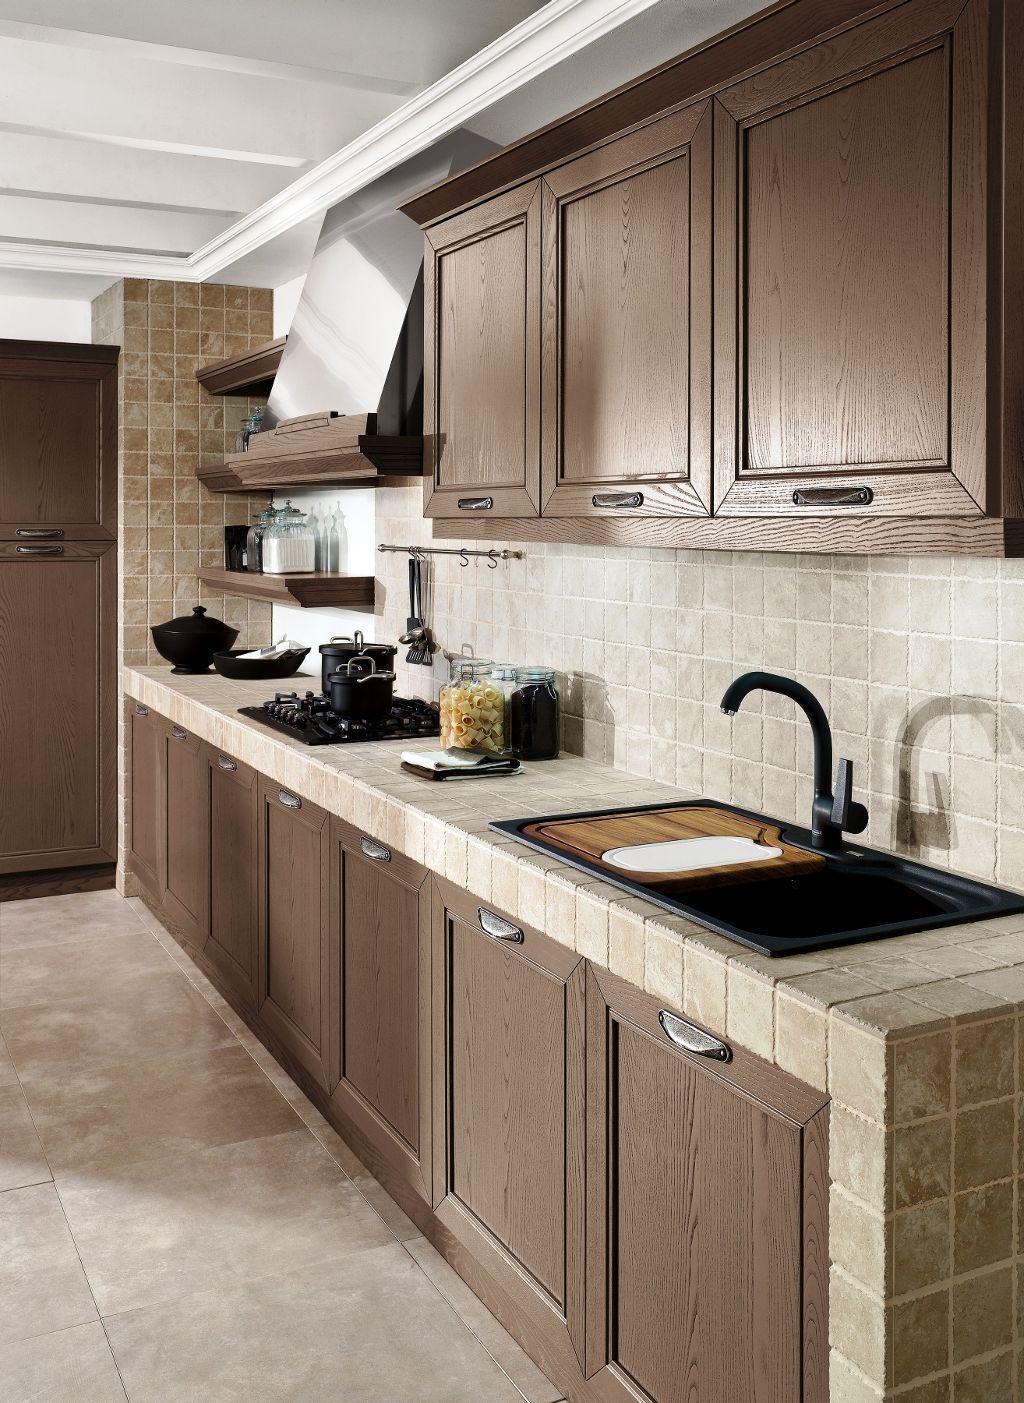 A sua cozinha pode também ser revestida com ladrilhos cerâmicos.